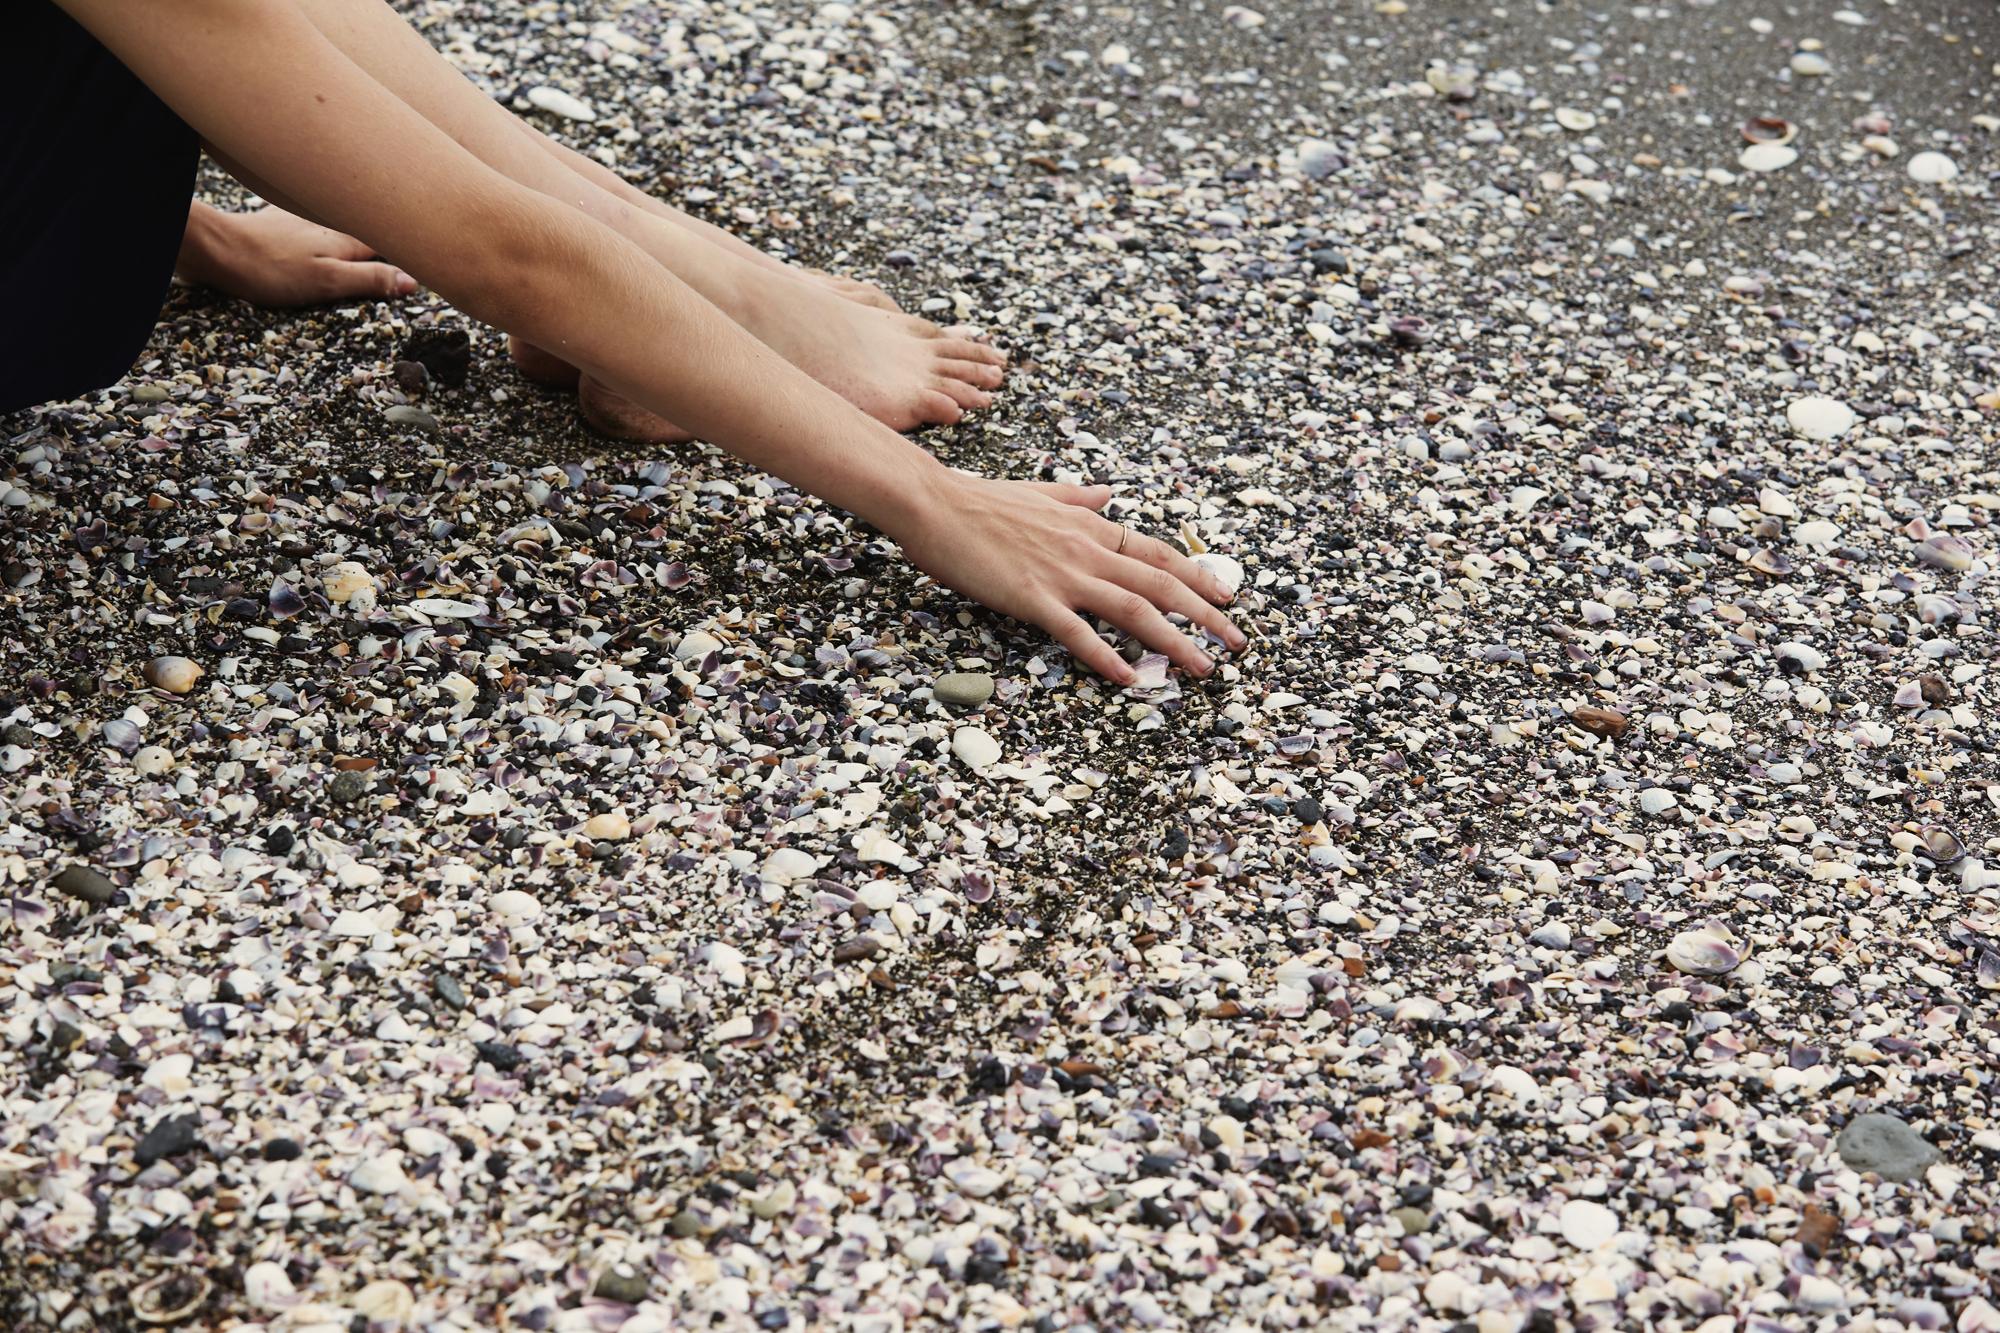 Hands in Karaka Bay